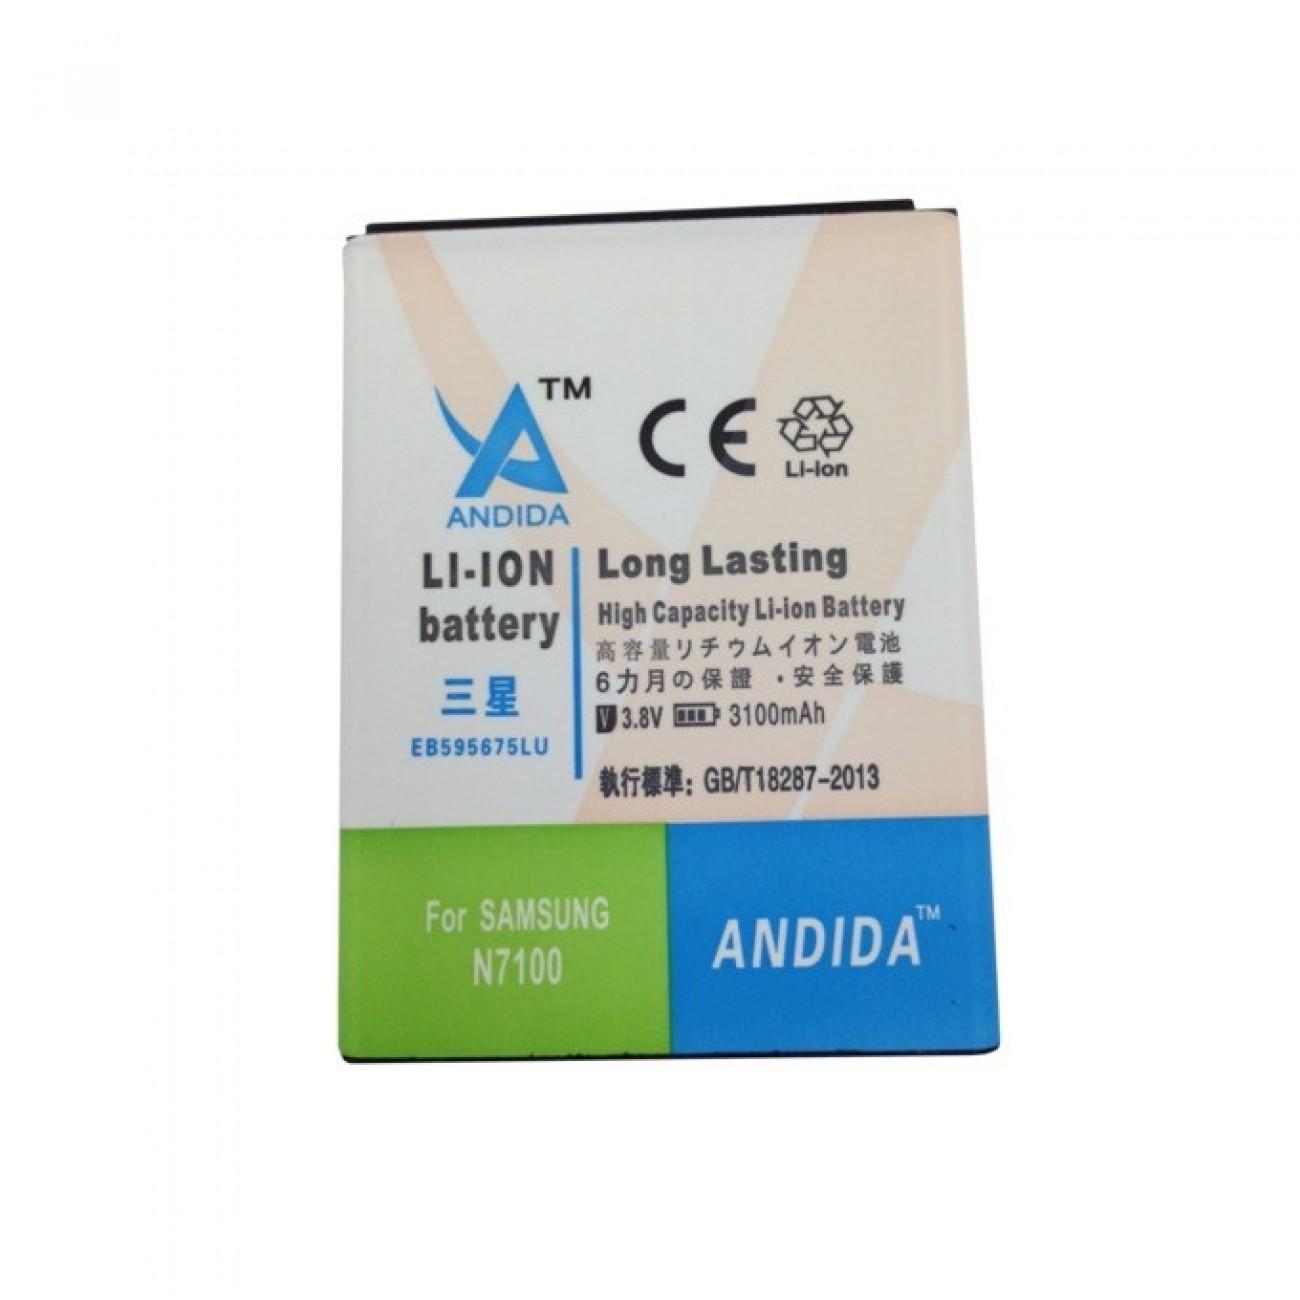 Батерия (заместител) за Samsung Galaxy Note 2(N7100), 3100mAh/3.8V в Батерии за Телефони, Таблети -  | Alleop